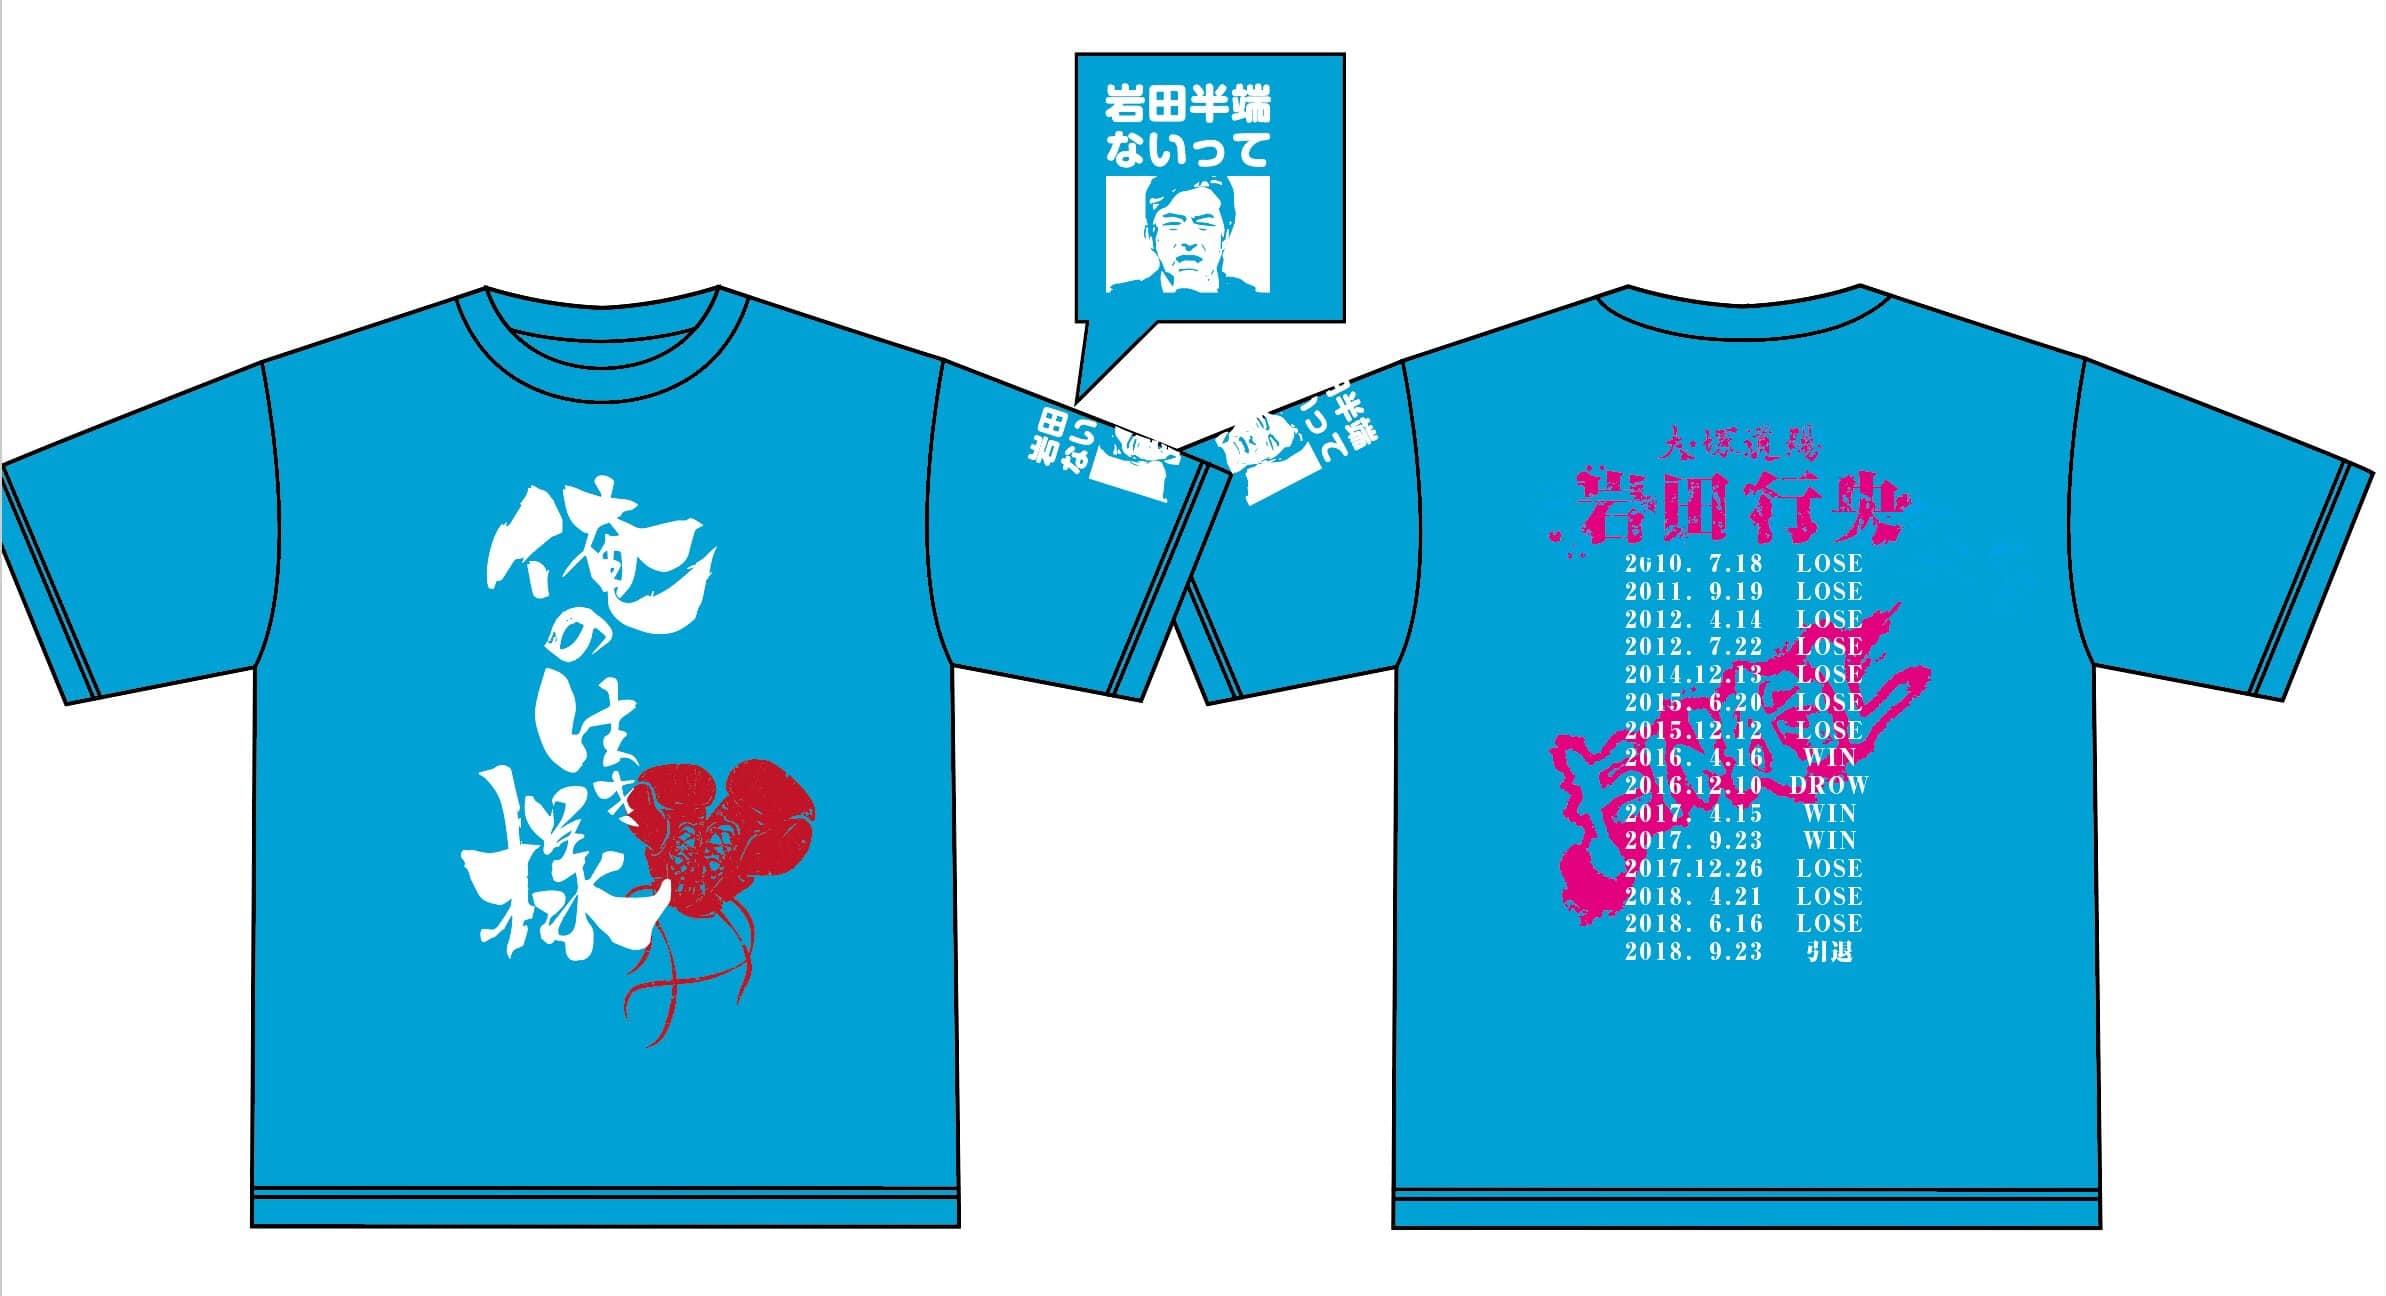 デザイン Tシャツ制作 プロキックボクサー 岩田行央 デザインTシャツ ケイティリンク